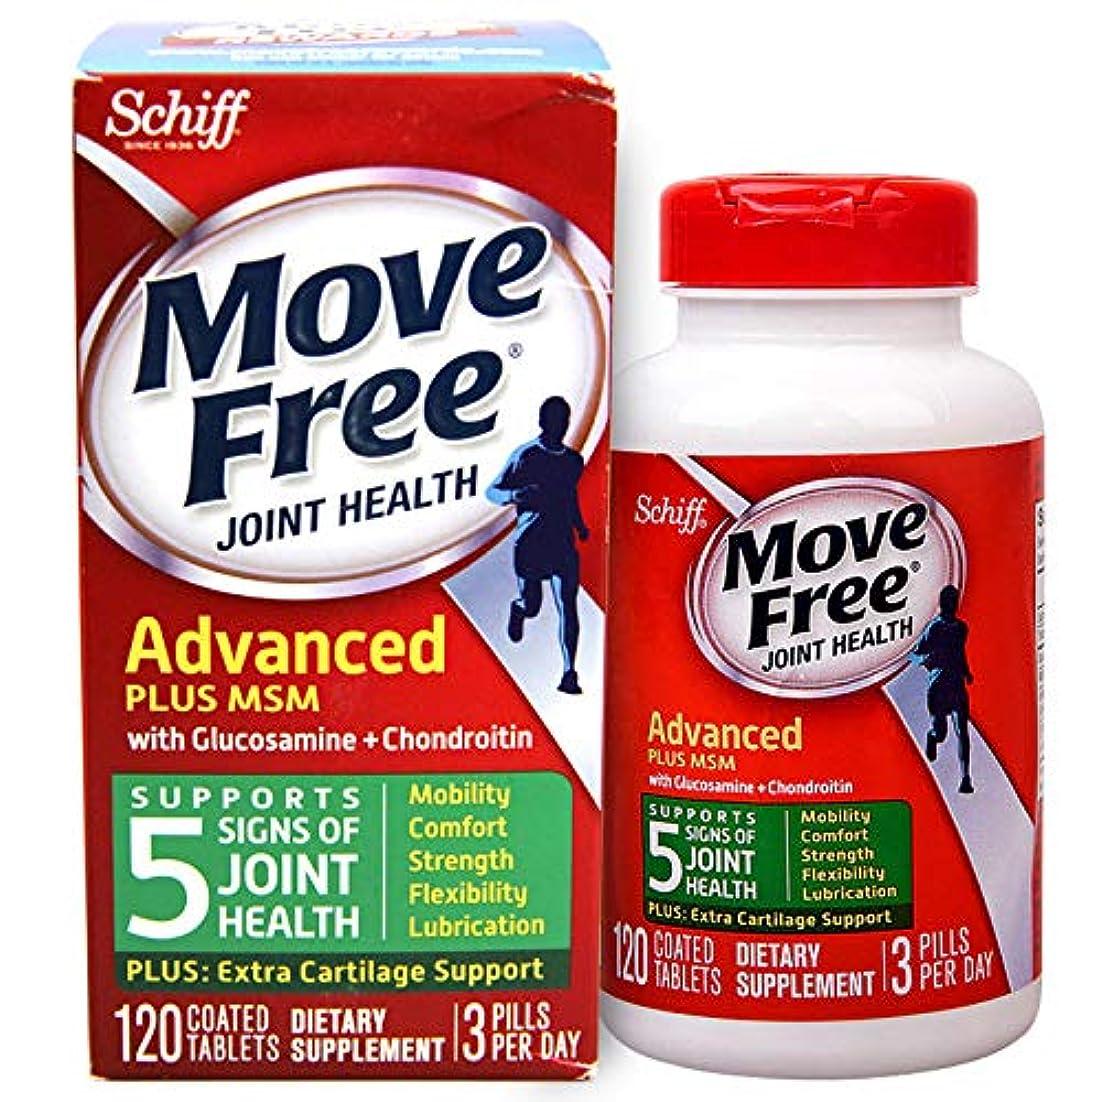 肌寒い盗賊無礼にSCHIFF MOVE FREE ADVANCED Plus MSMシッフ ムーブ?フリー アドバンスド プラスMSM グルコサミン&コンドロイチン 関節の痛み緩和サプリ グリーン 120錠